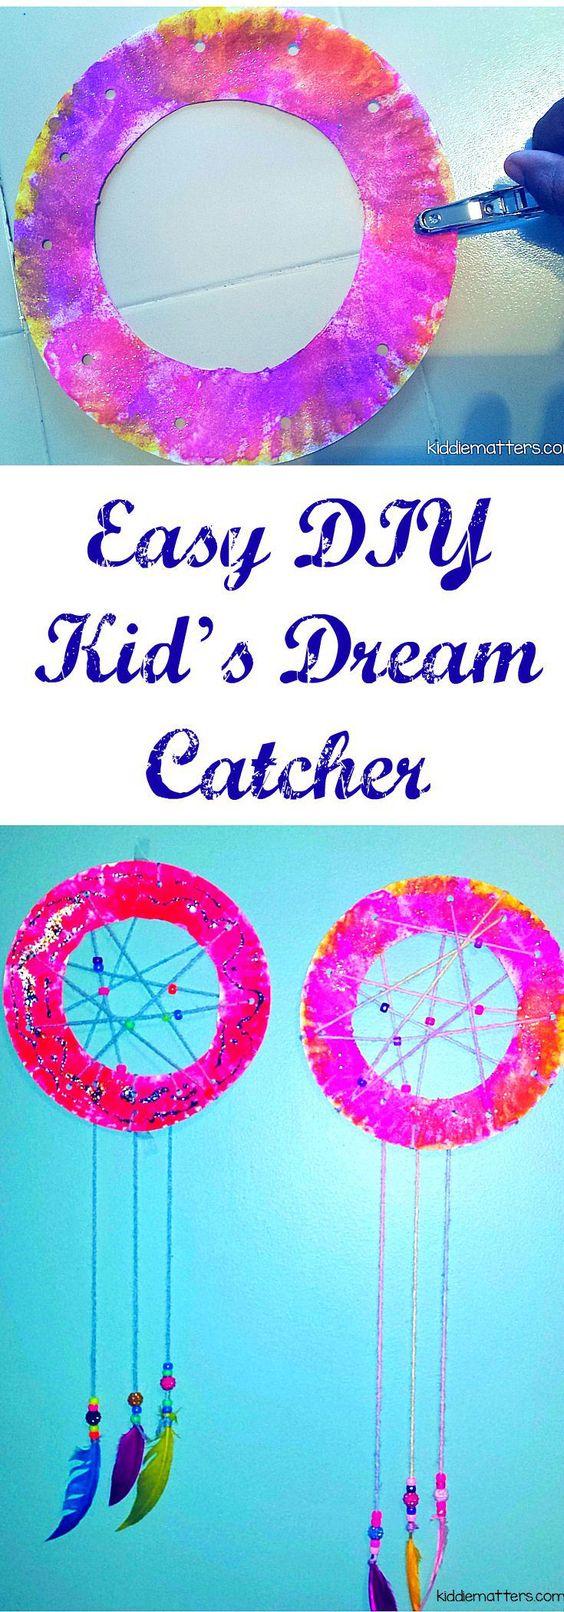 轻松DIY梦想捕手与孩子们。适合那些做噩梦和晚上睡不着觉的孩子。